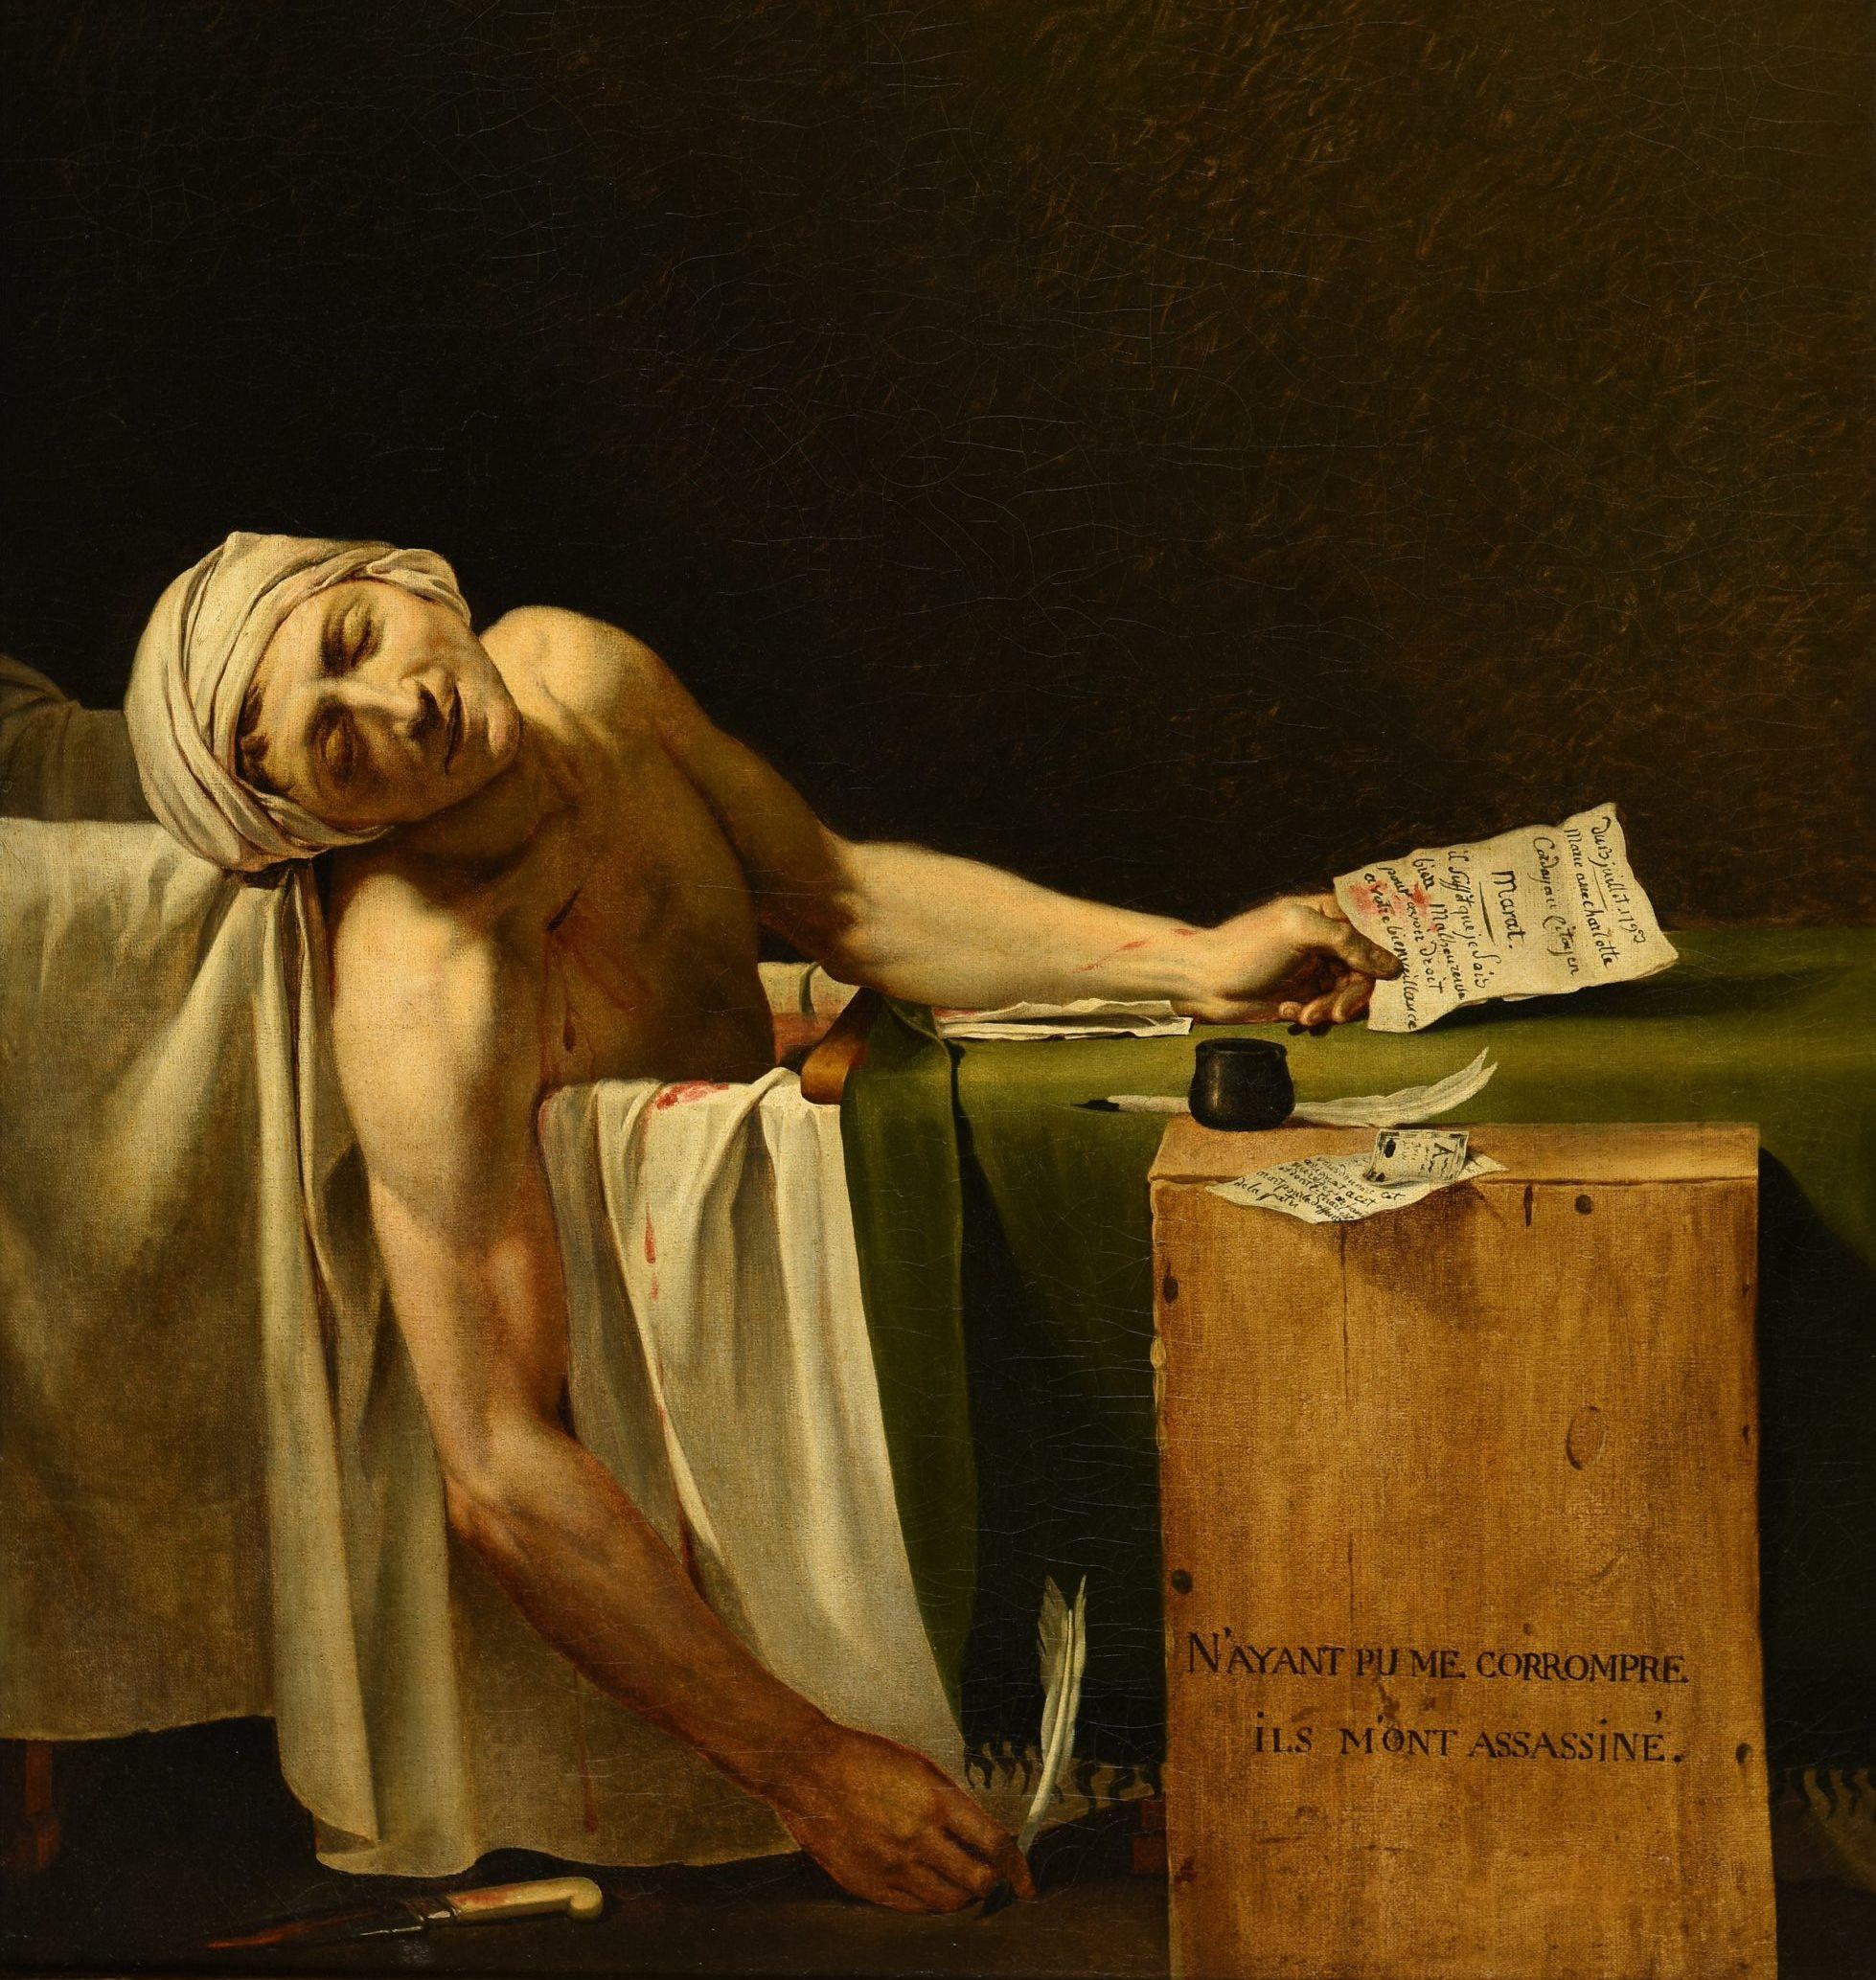 Caravaggio incontra David: dialogo tra natura e ideale, a Napoli